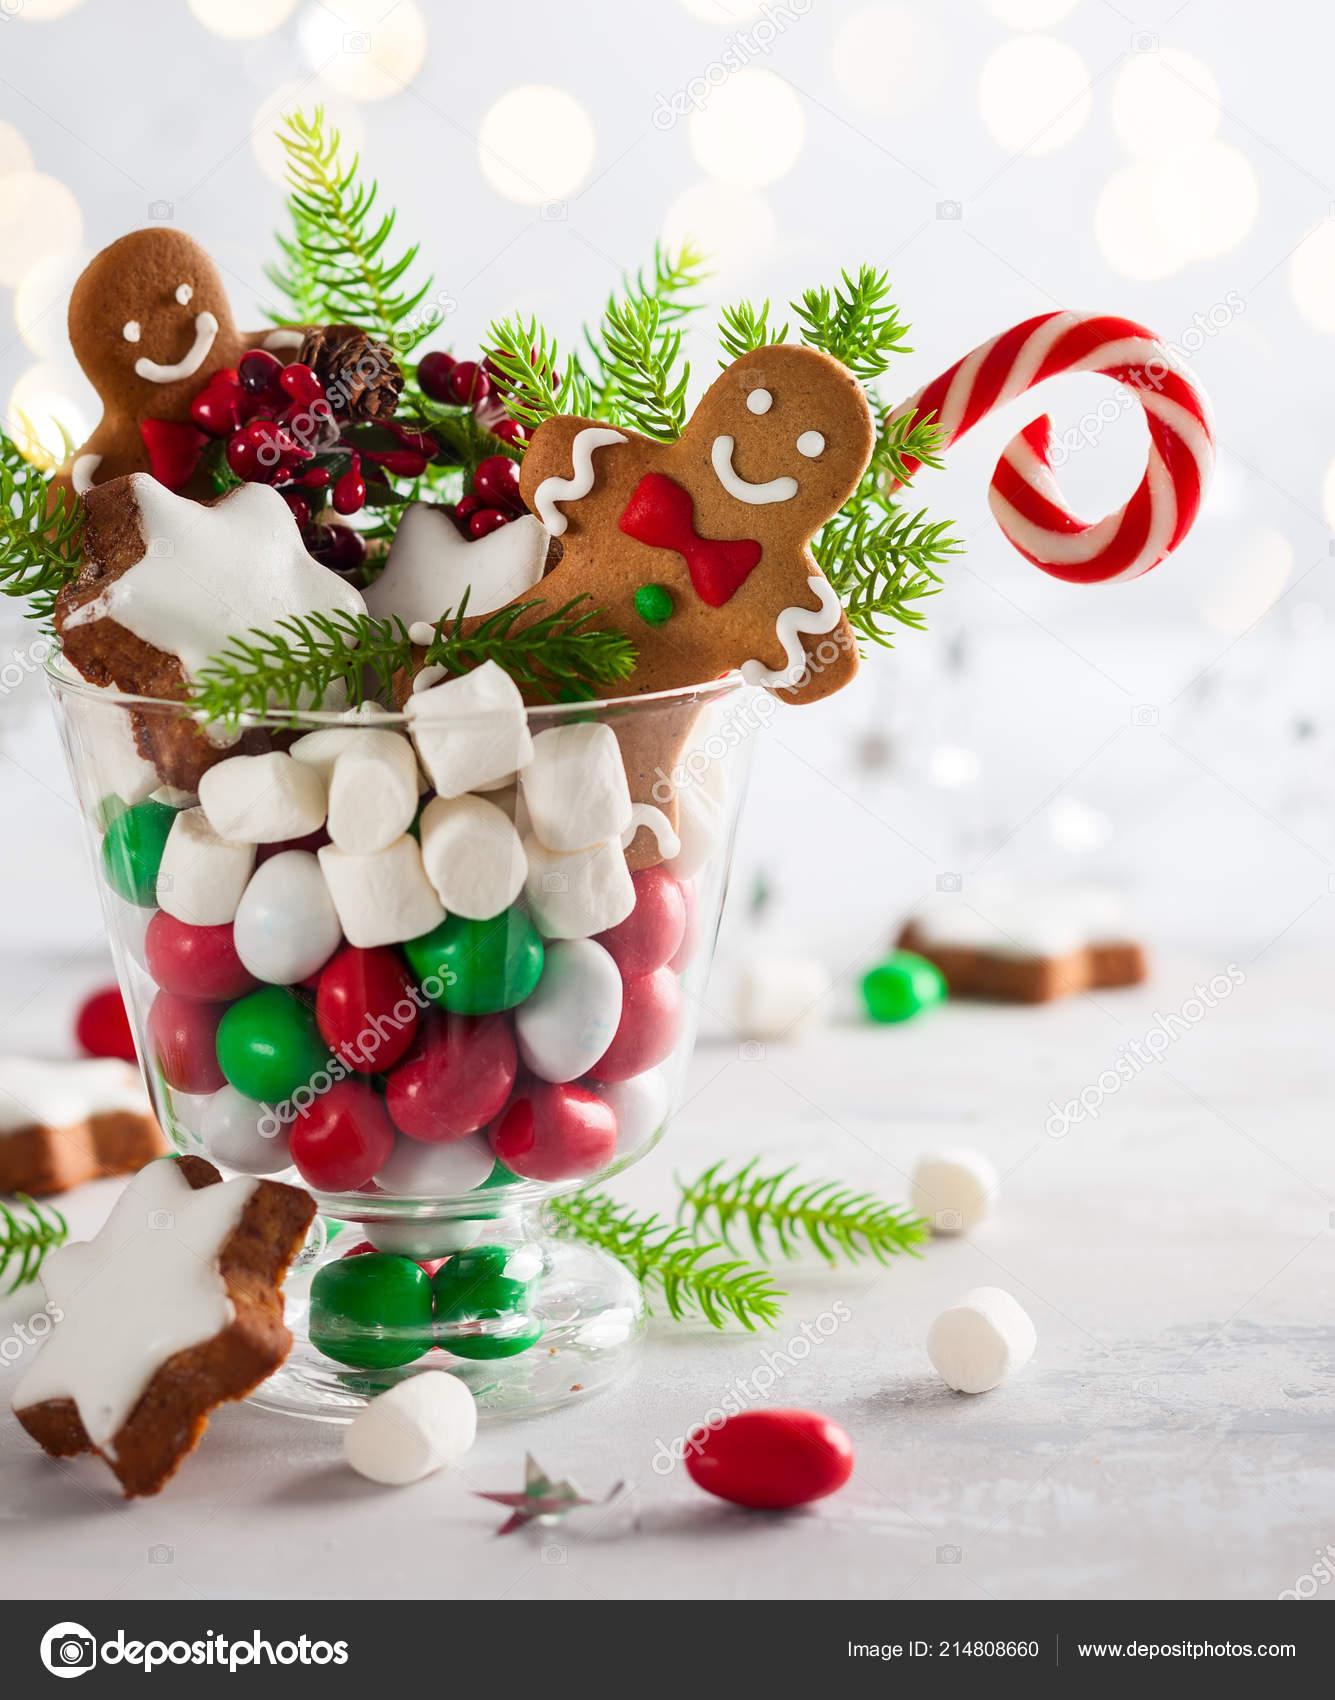 Perfekte Weihnachtskekse.Weihnachtsplätzchen Süßen Bonbons Eibisch Glas Perfekte Idee Für